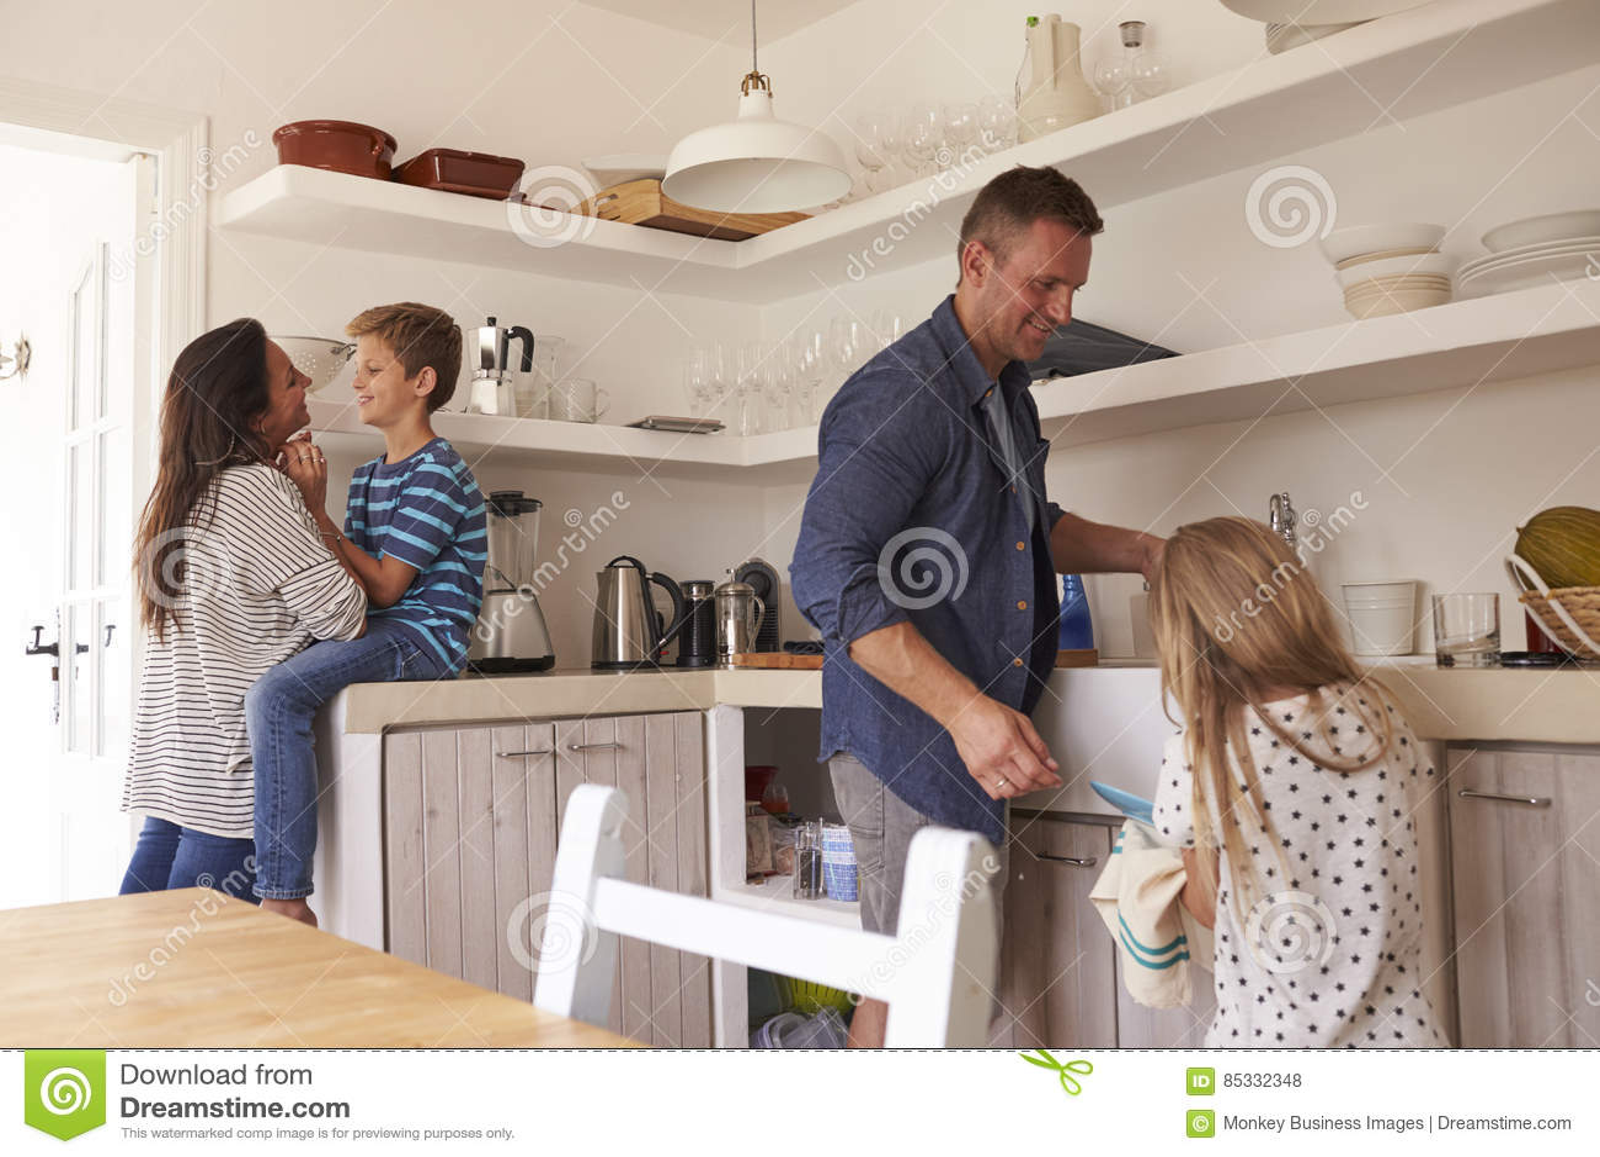 Keuken Voor Kinderen : Kinderen die ouders in keuken met karweien helpen stock foto